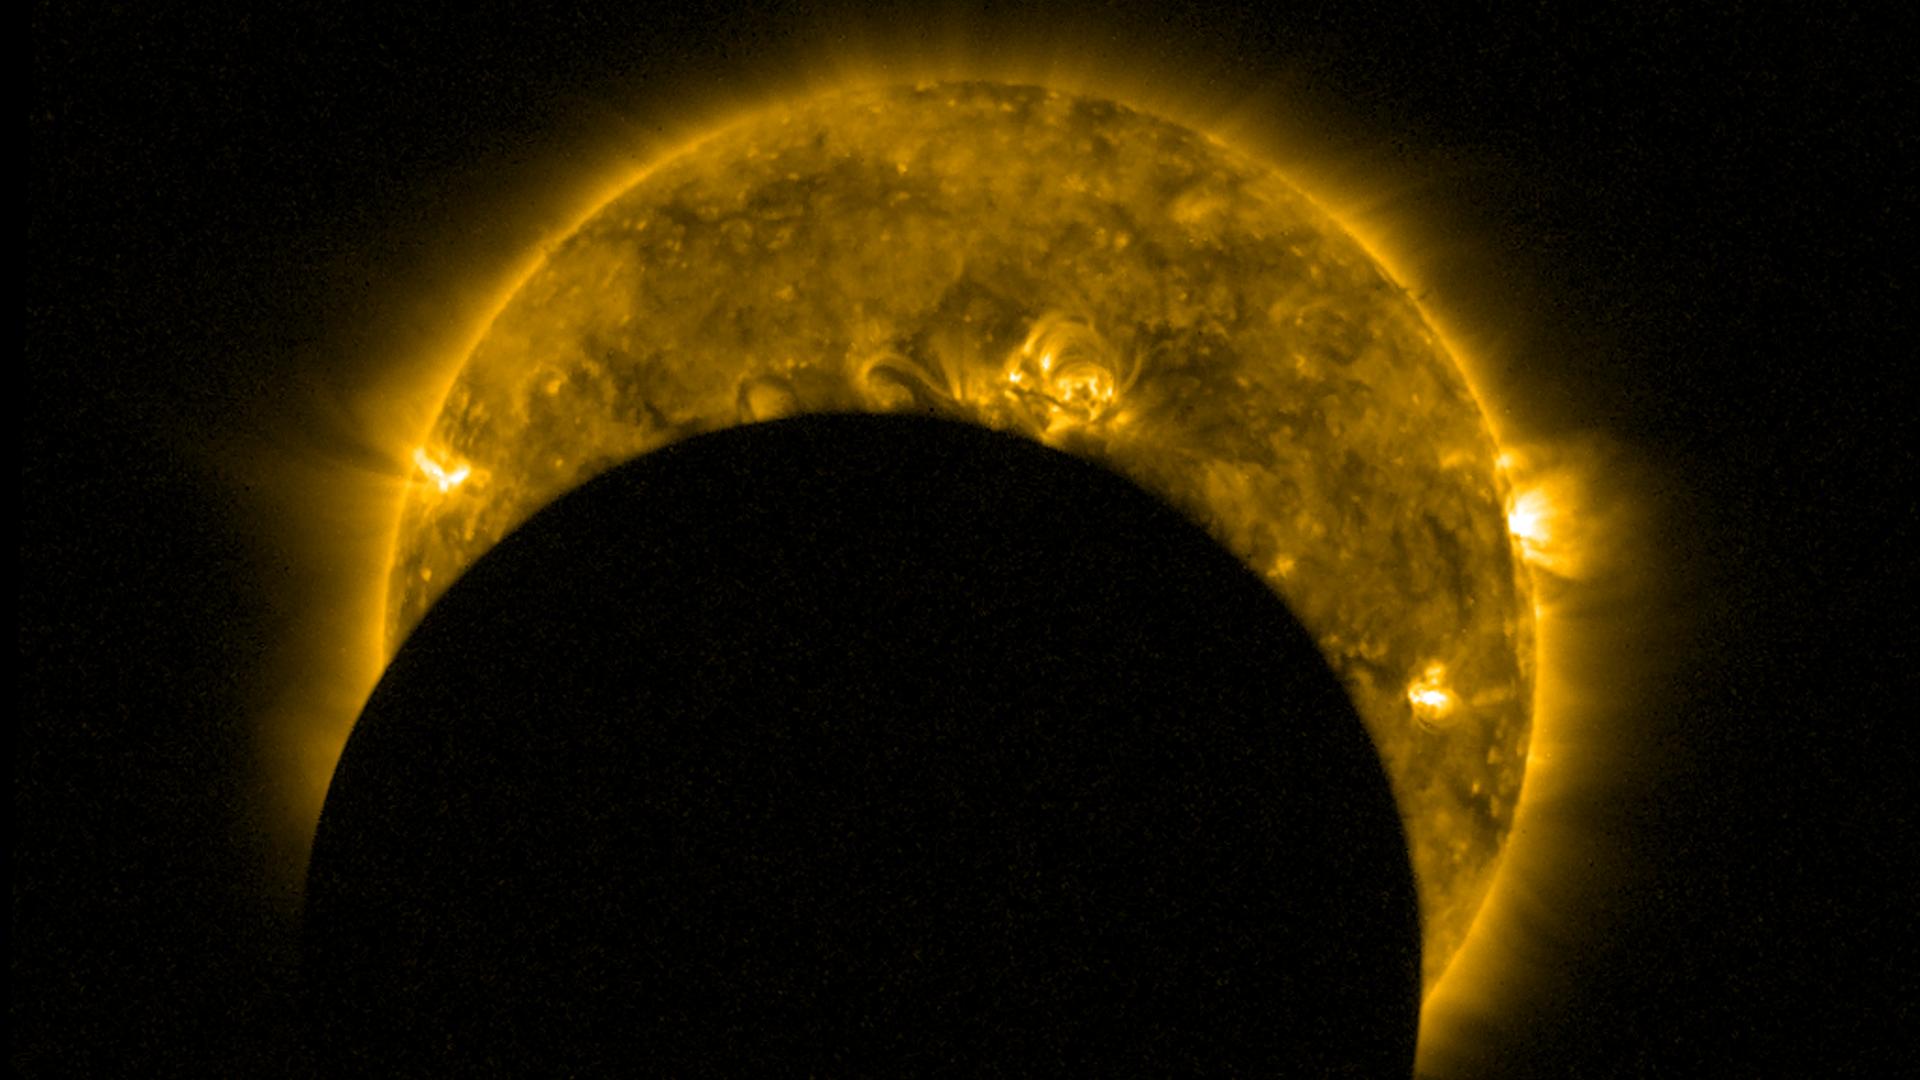 Los próximos eclipses totales de Sol que se verán desde Argentina